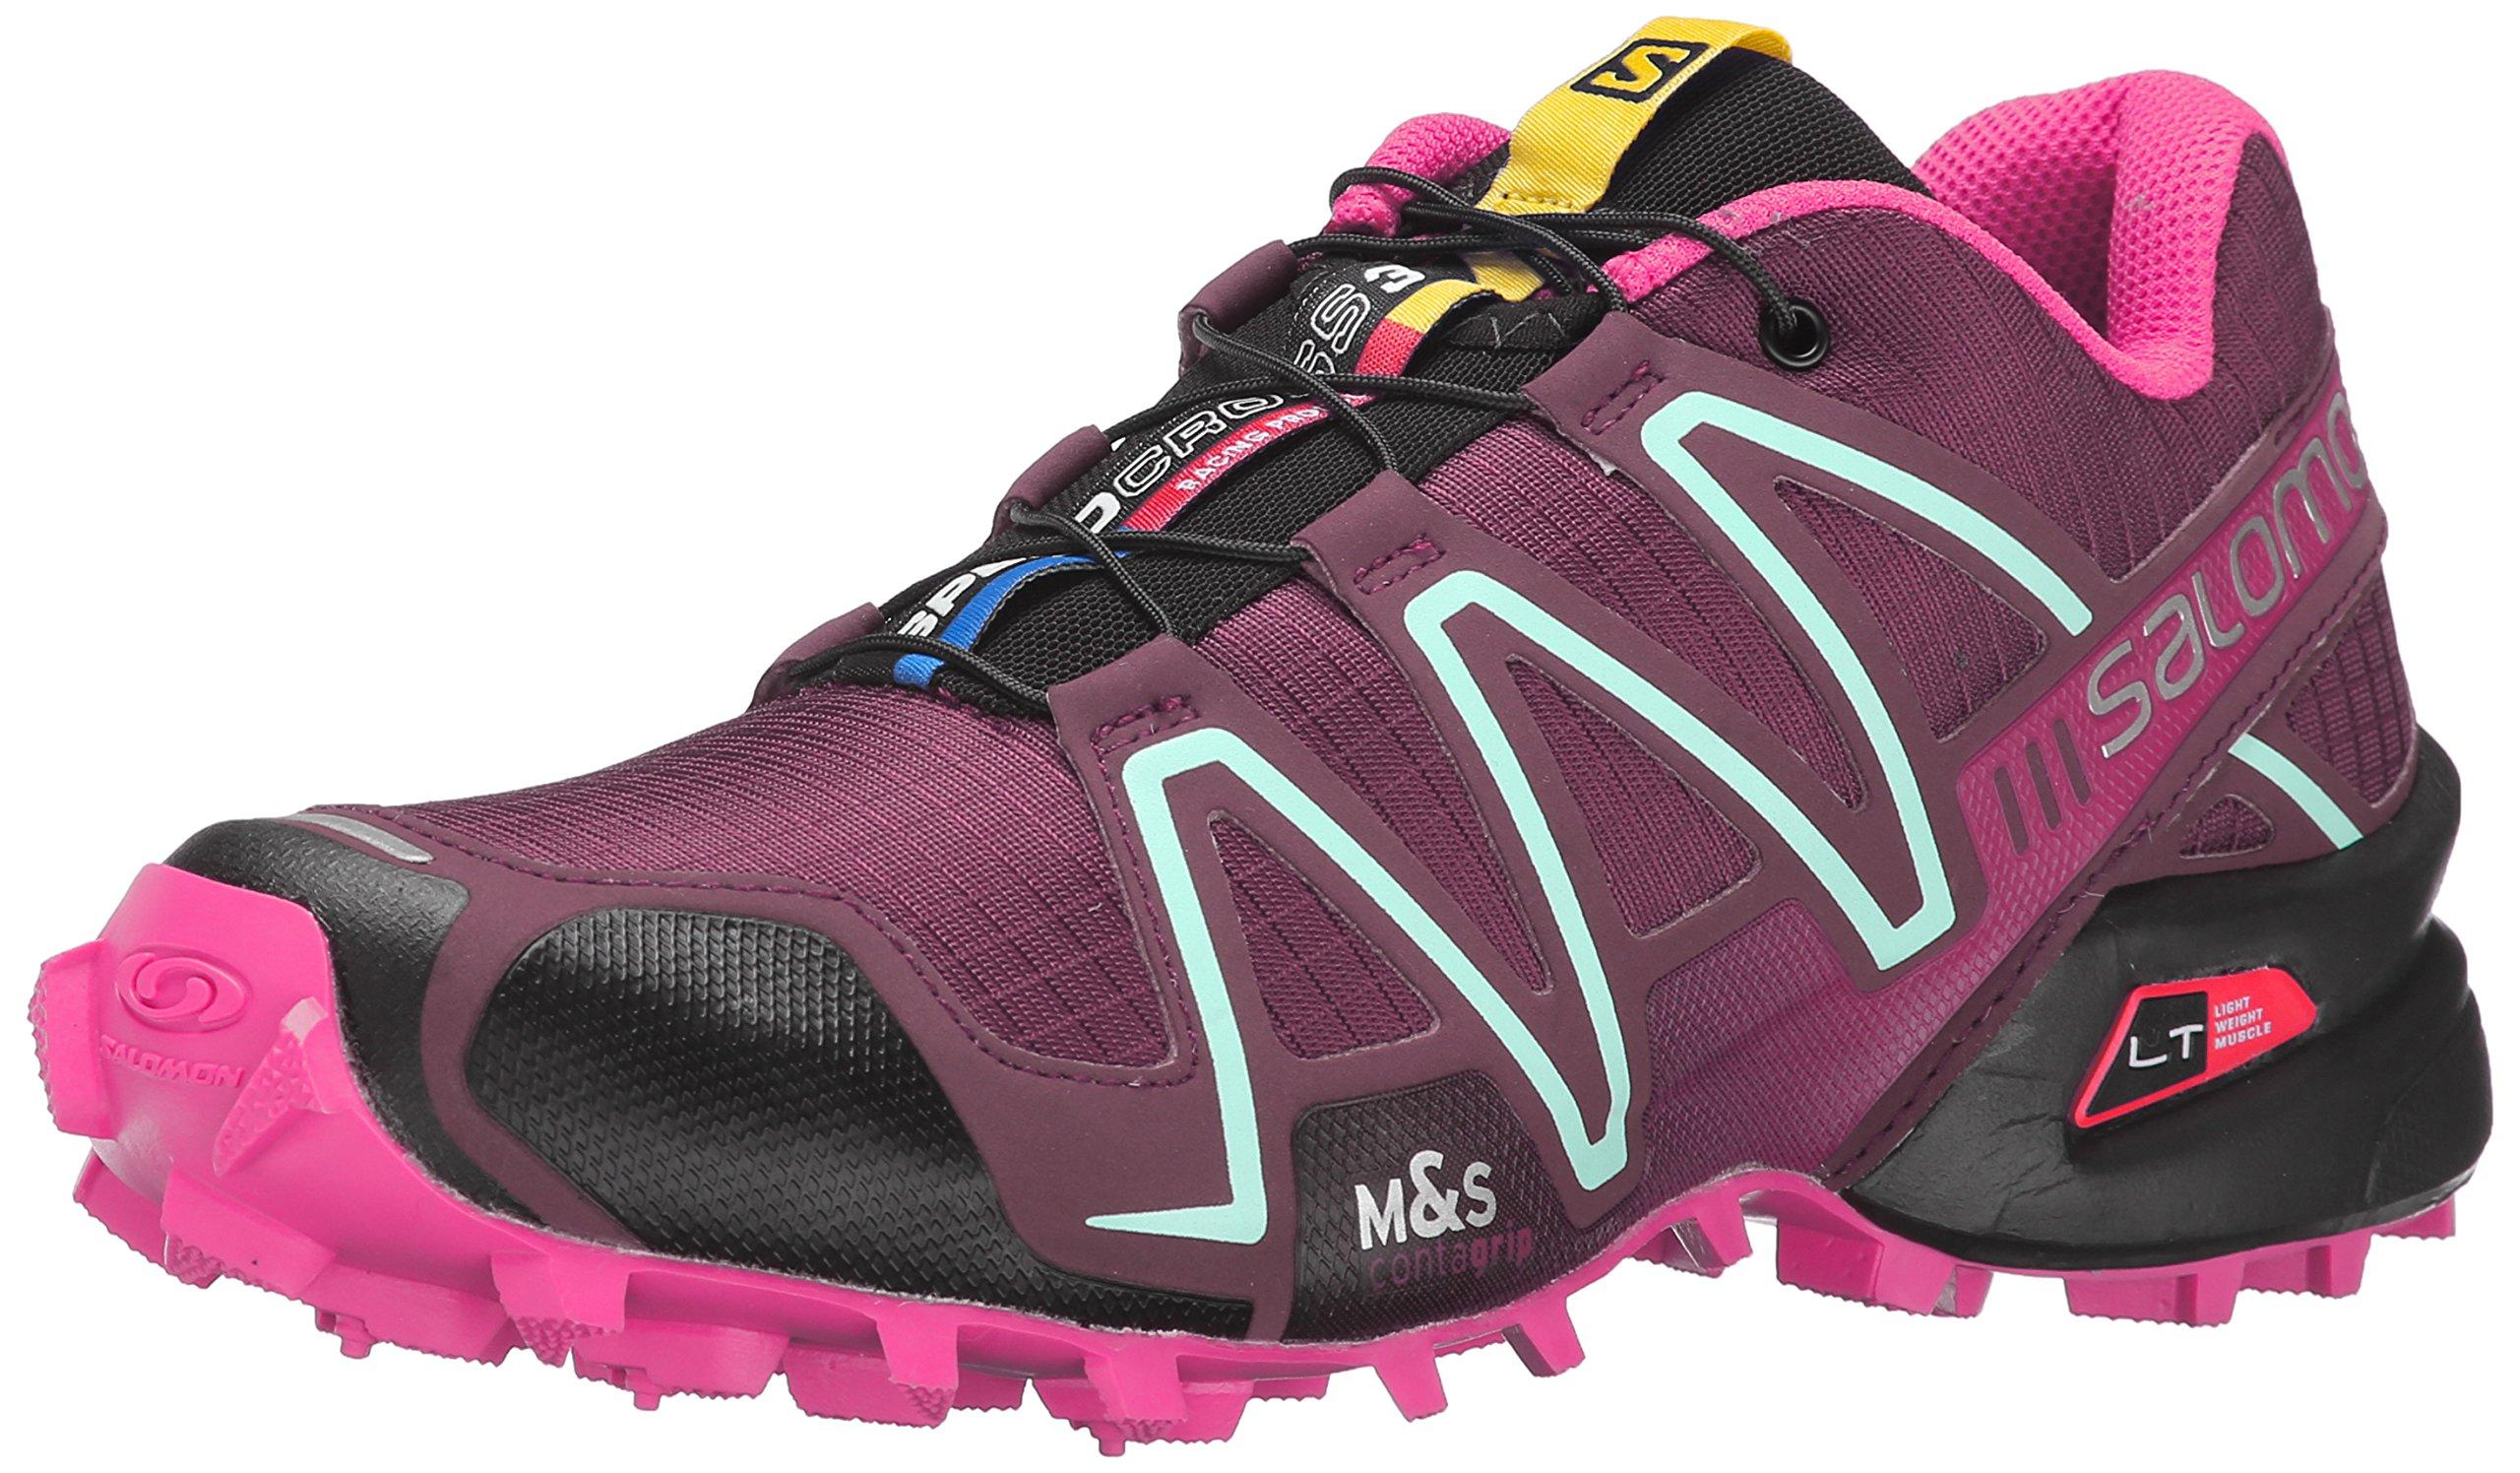 Salomon Women's Speedcross 3 W Trail Running Shoe, Bordeaux/Hot Pink/Lotus Pink, 8.5 B US